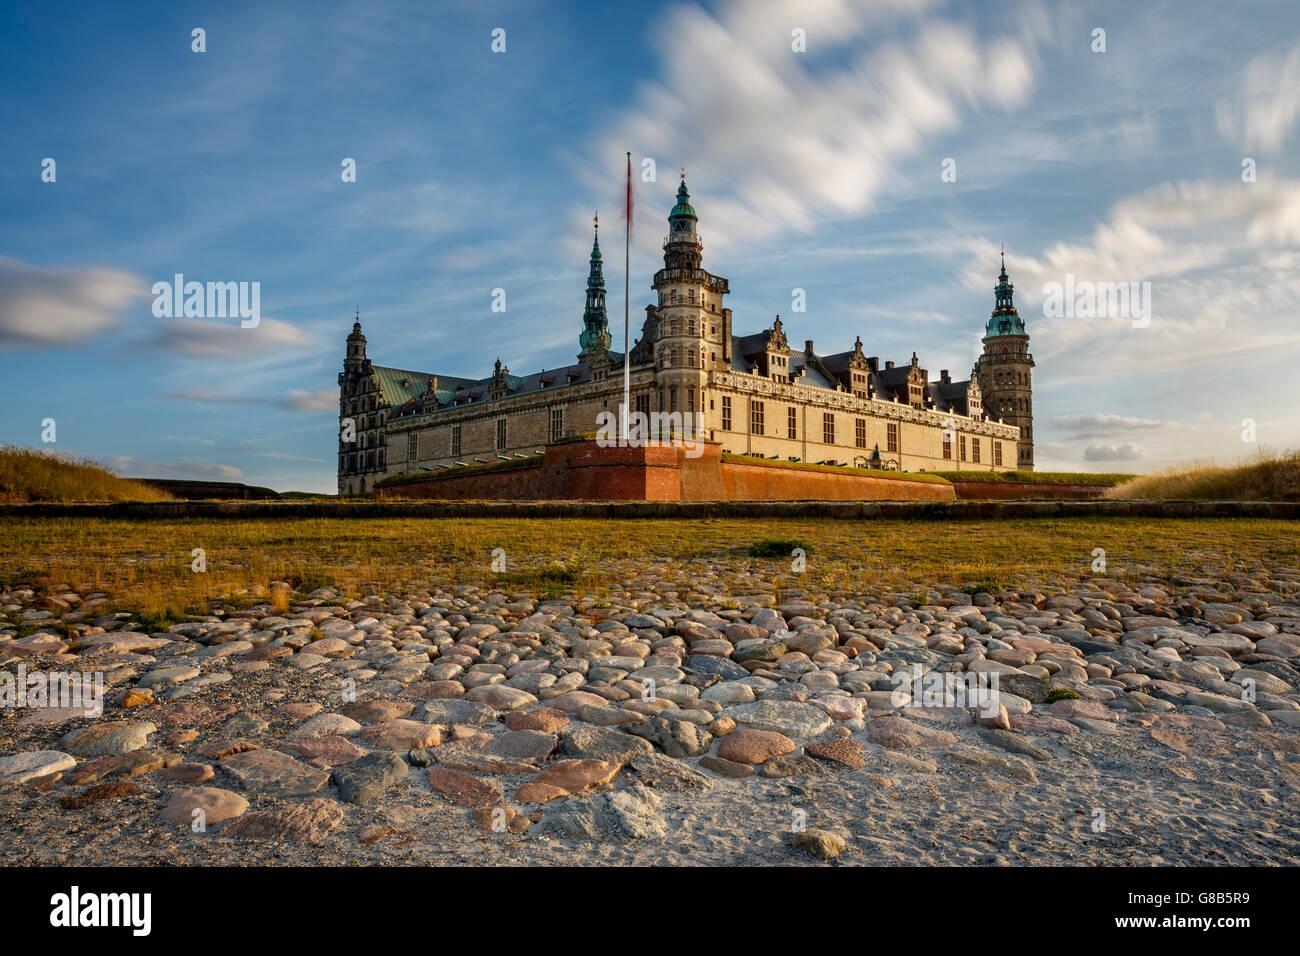 Le château de Kronborg à Helsingor, Danemark vu au crépuscule. Le château a été ajouté Photo Stock